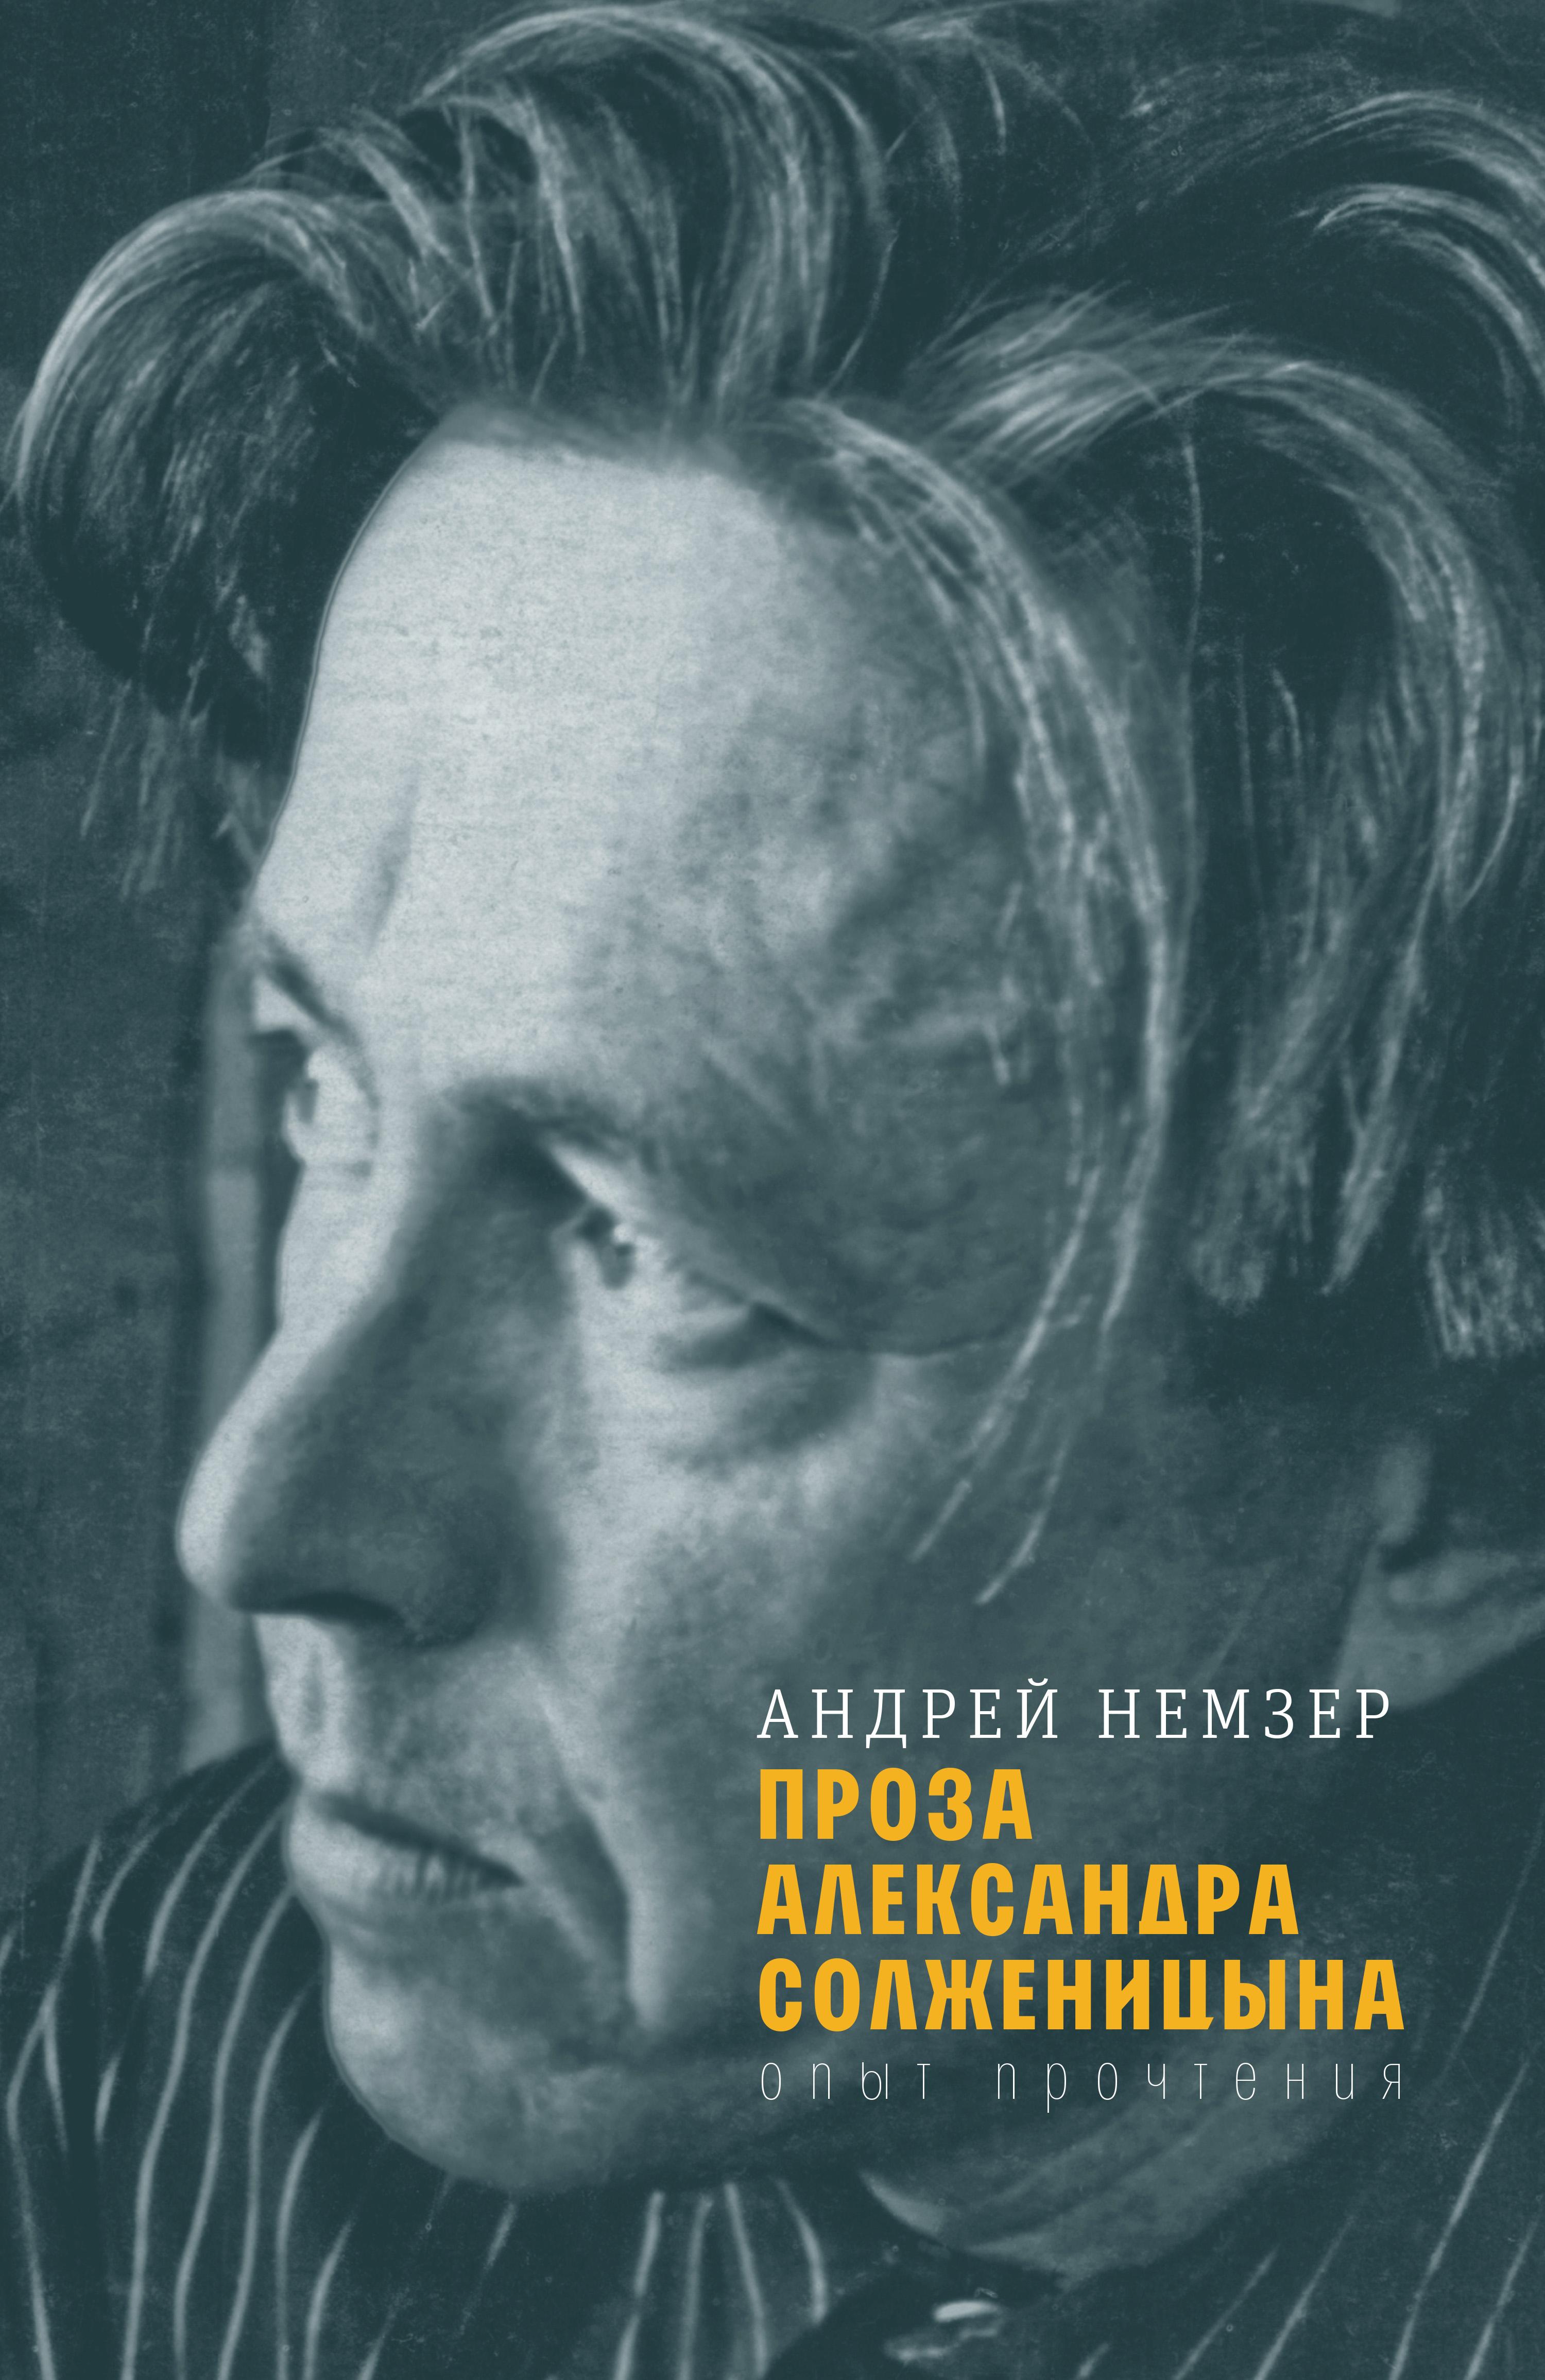 Андрей Немзер Проза Александра Солженицына